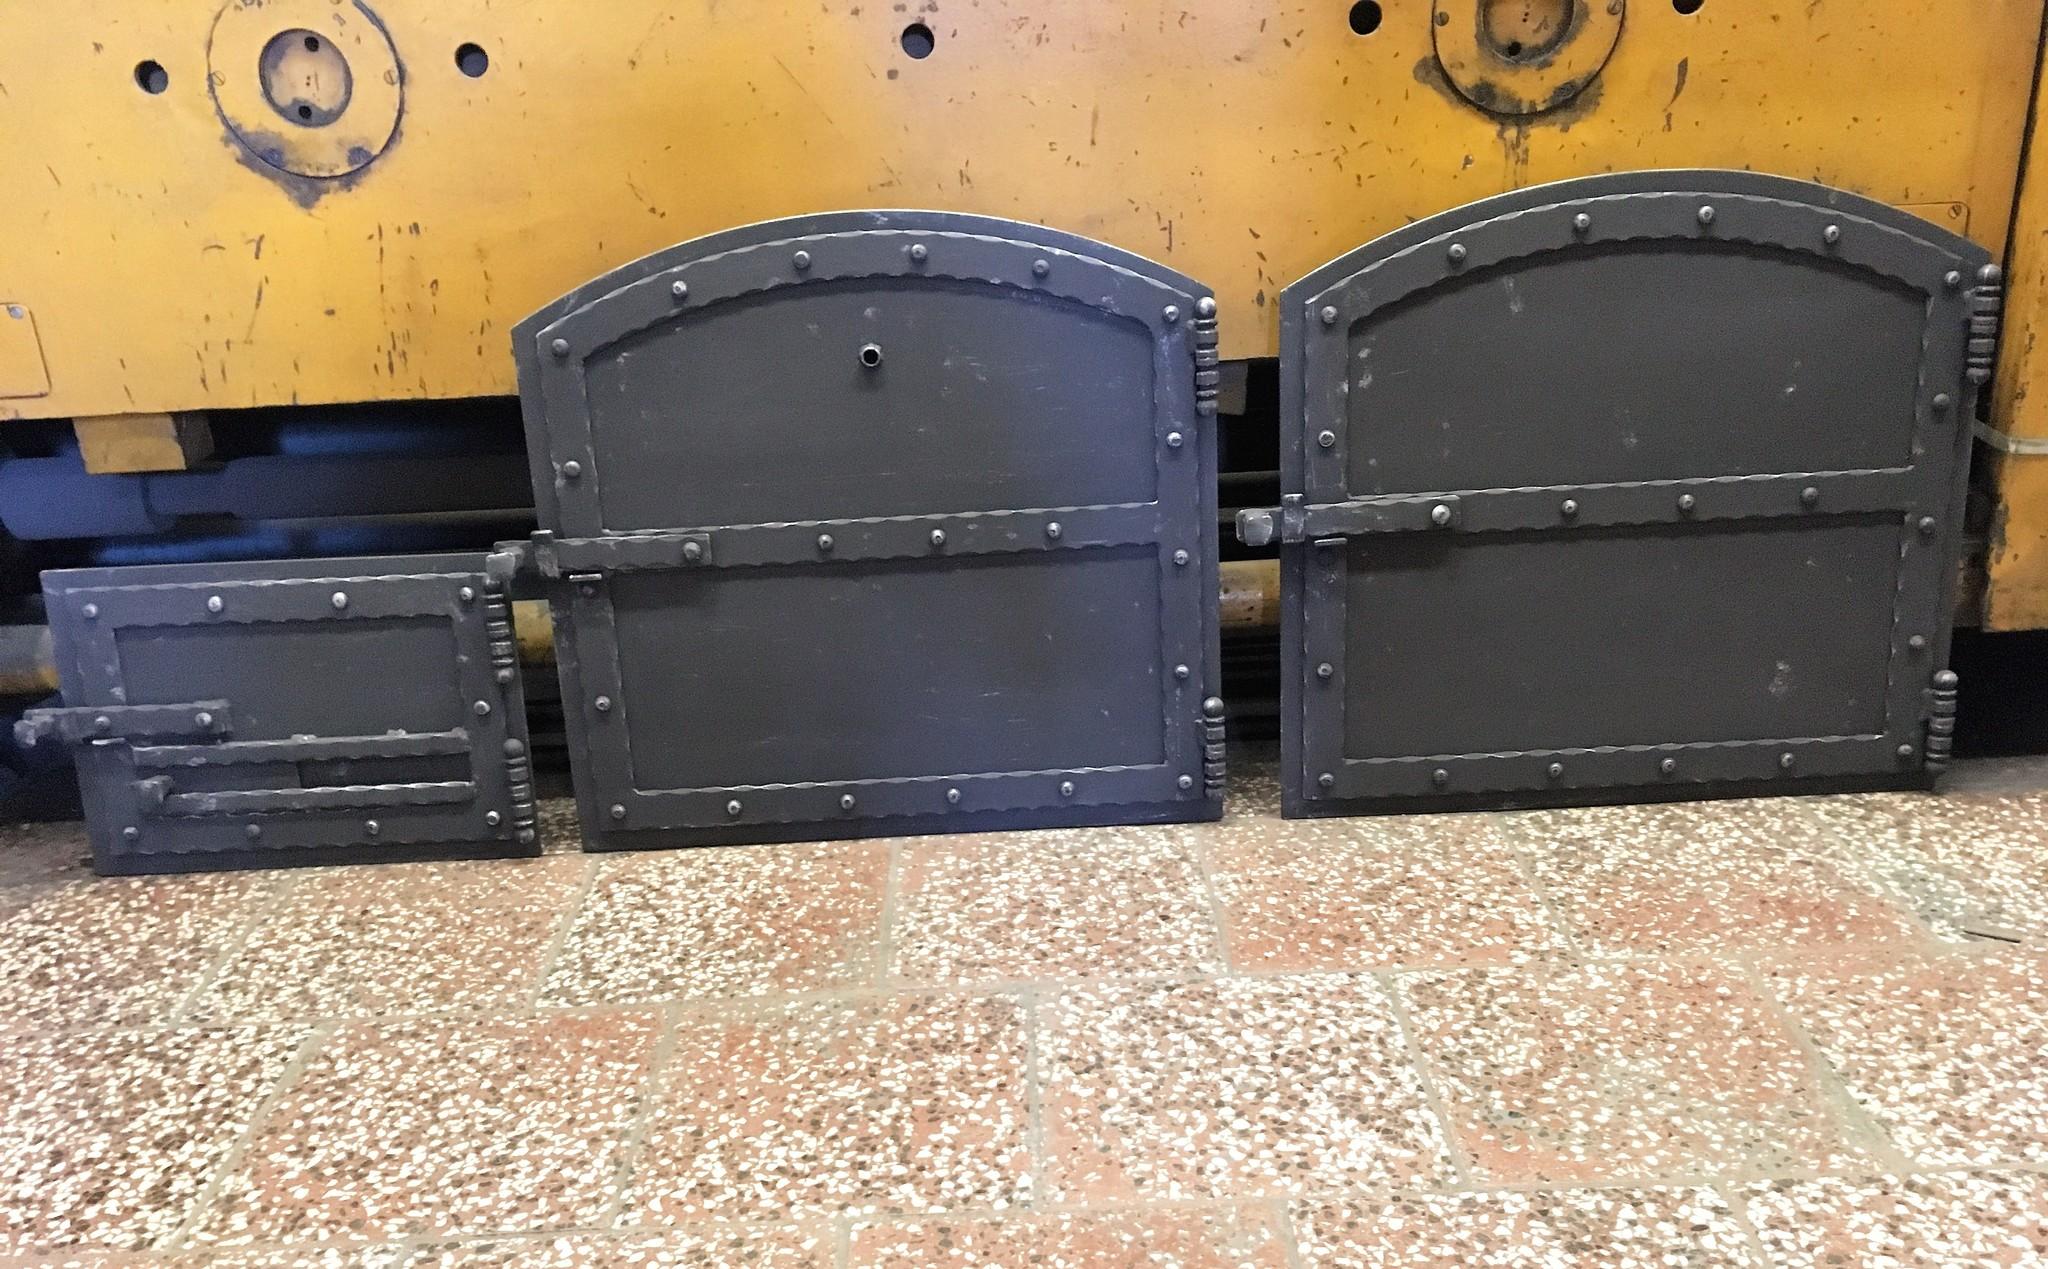 Türen zum Kamin, Kamin und Räucherkammer, hitzebeständige Farbe